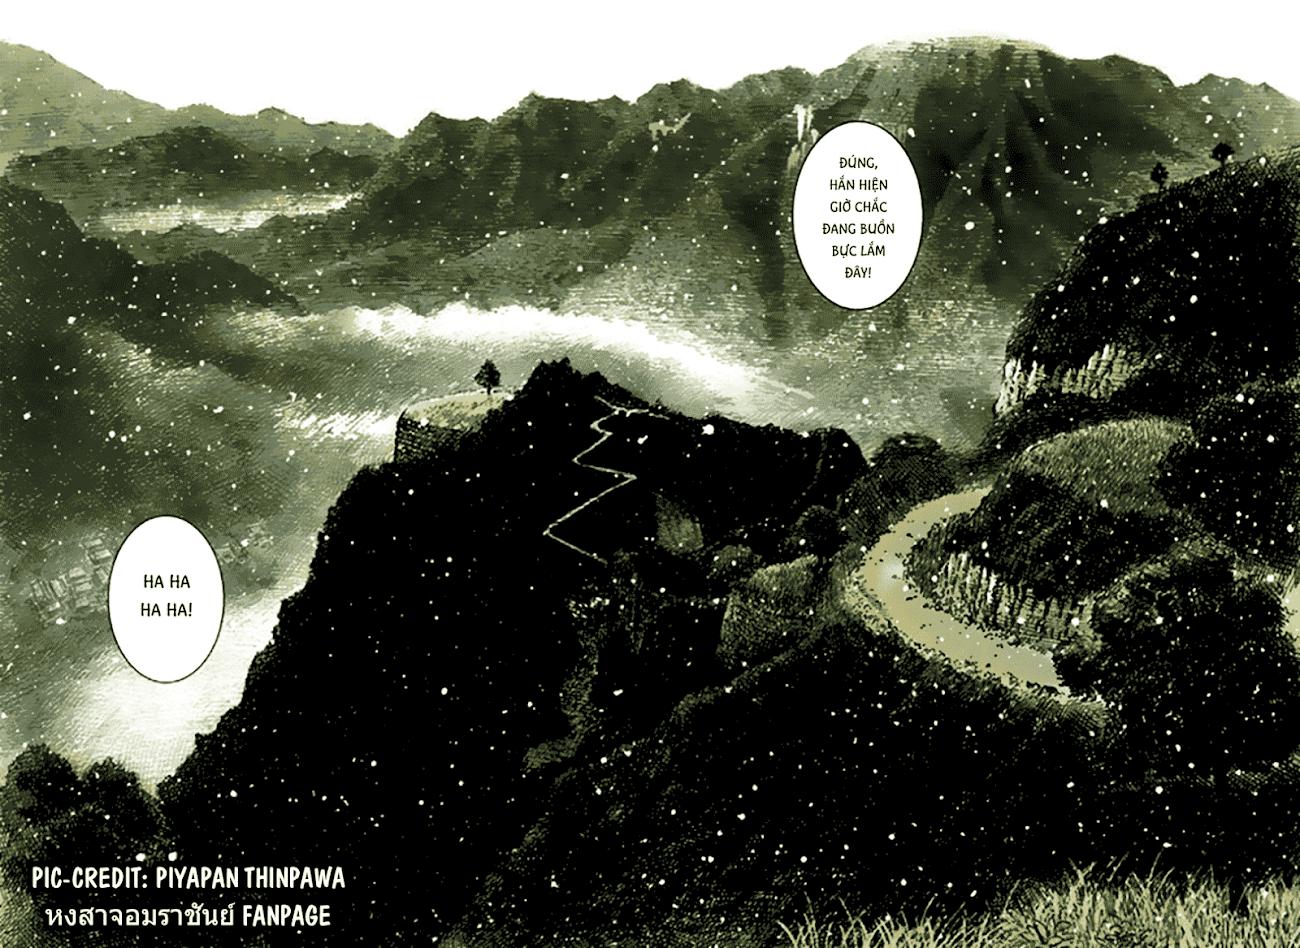 Hỏa phụng liêu nguyên Chương 482: Lão Tử dẫn lộ trang 7